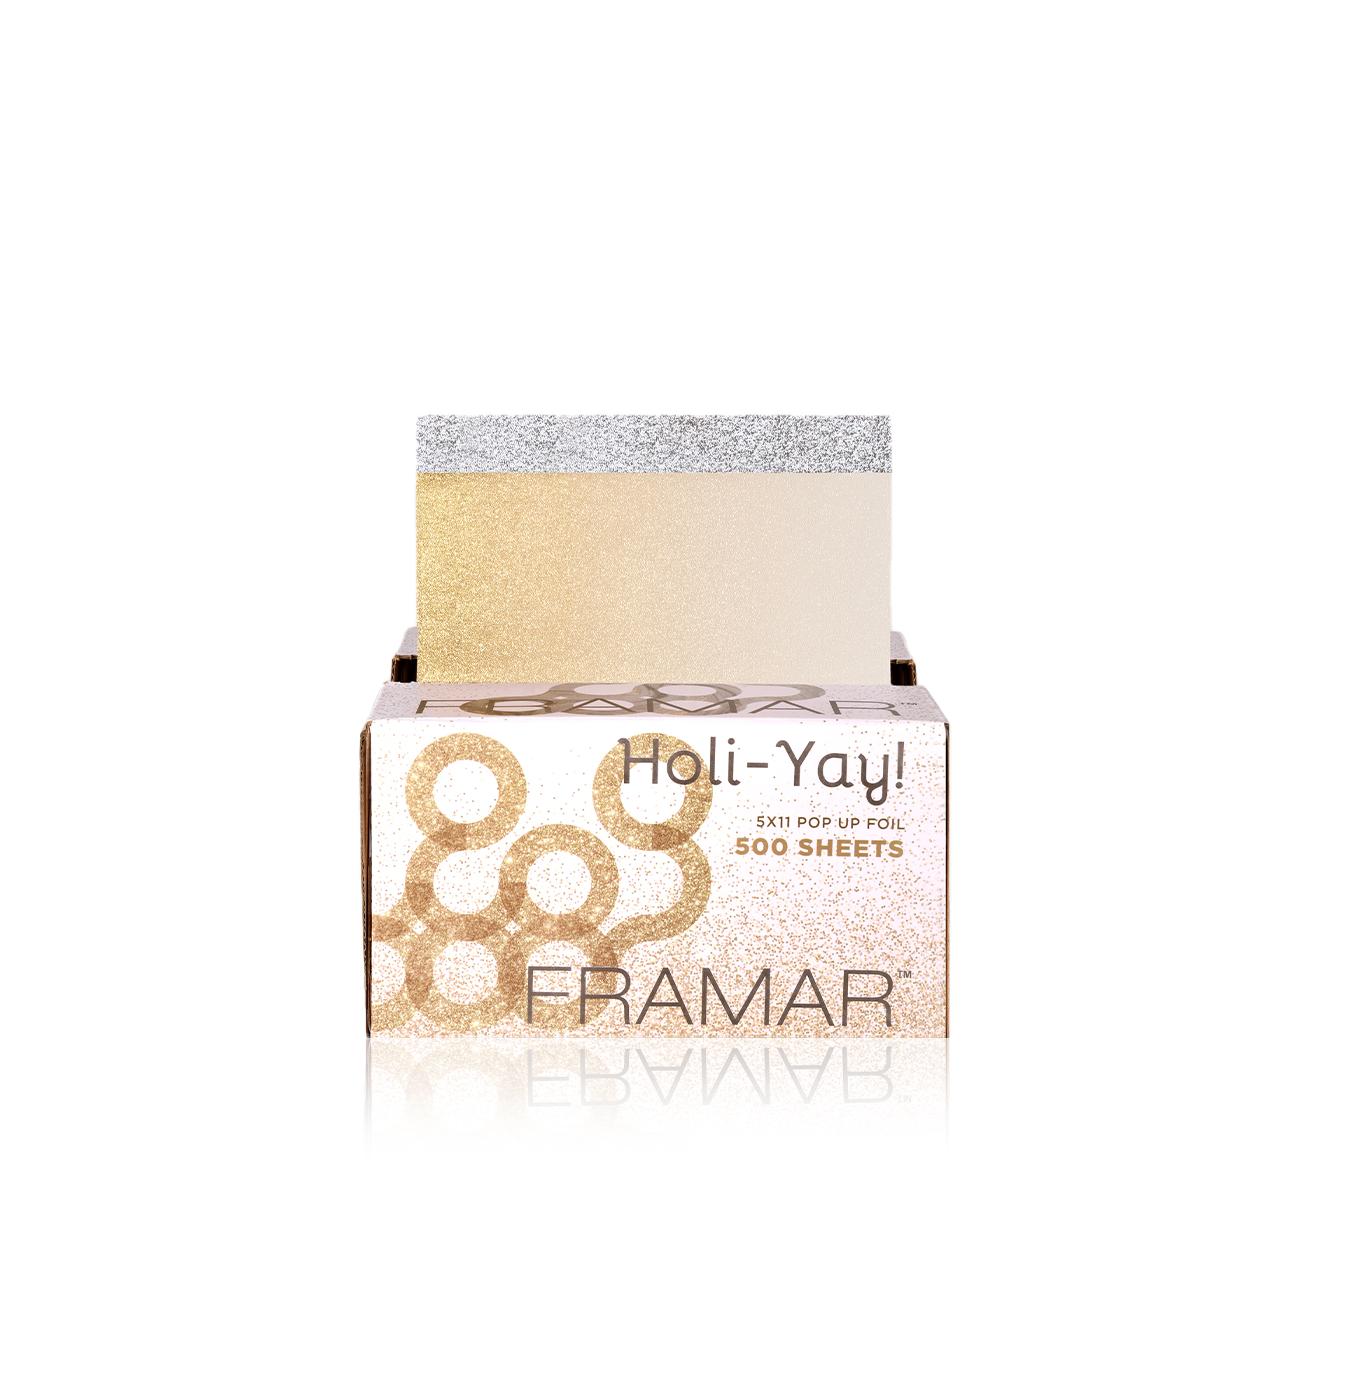 Pop Ups Holi-Yay | Вытяжная фольга с тиснением «Золотая лихорадка». (500 листов 12,5 х 28 см) . Лимитированная коллекция.